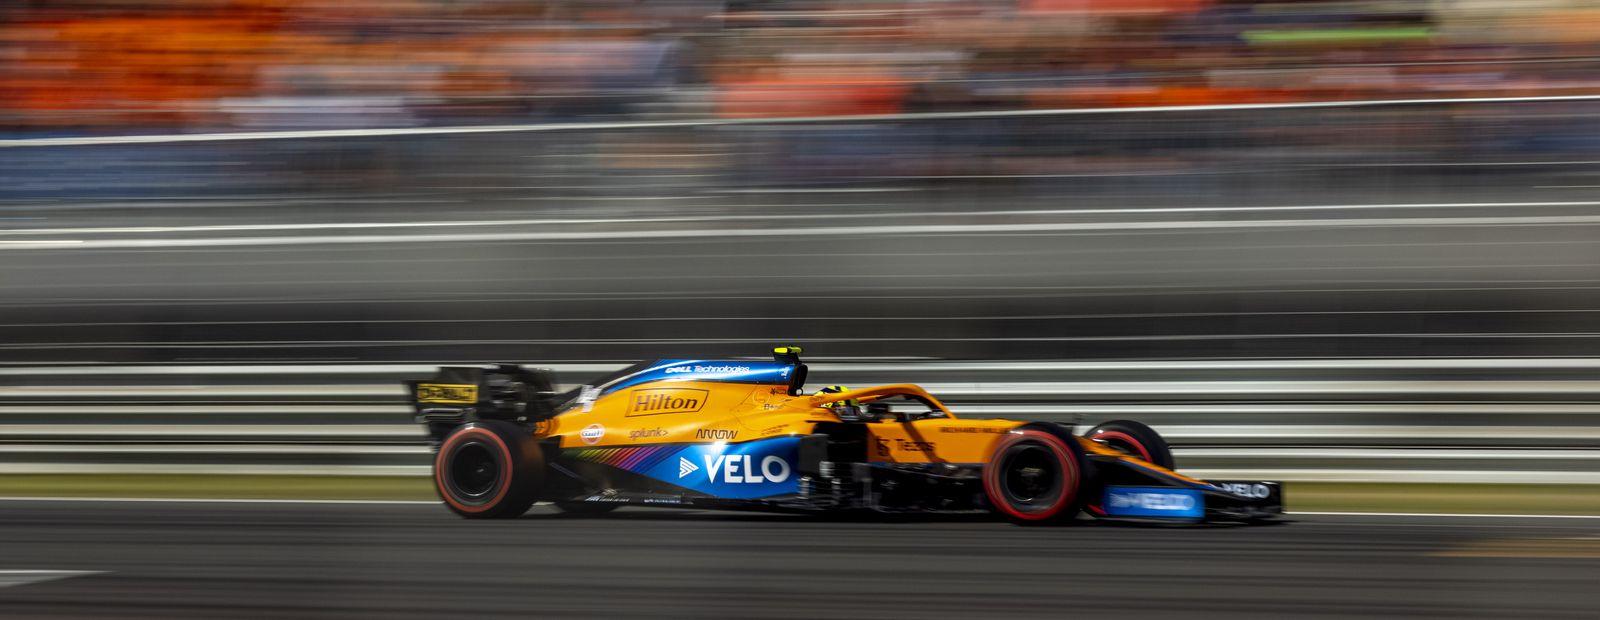 Gran Premio d'Olanda 2021